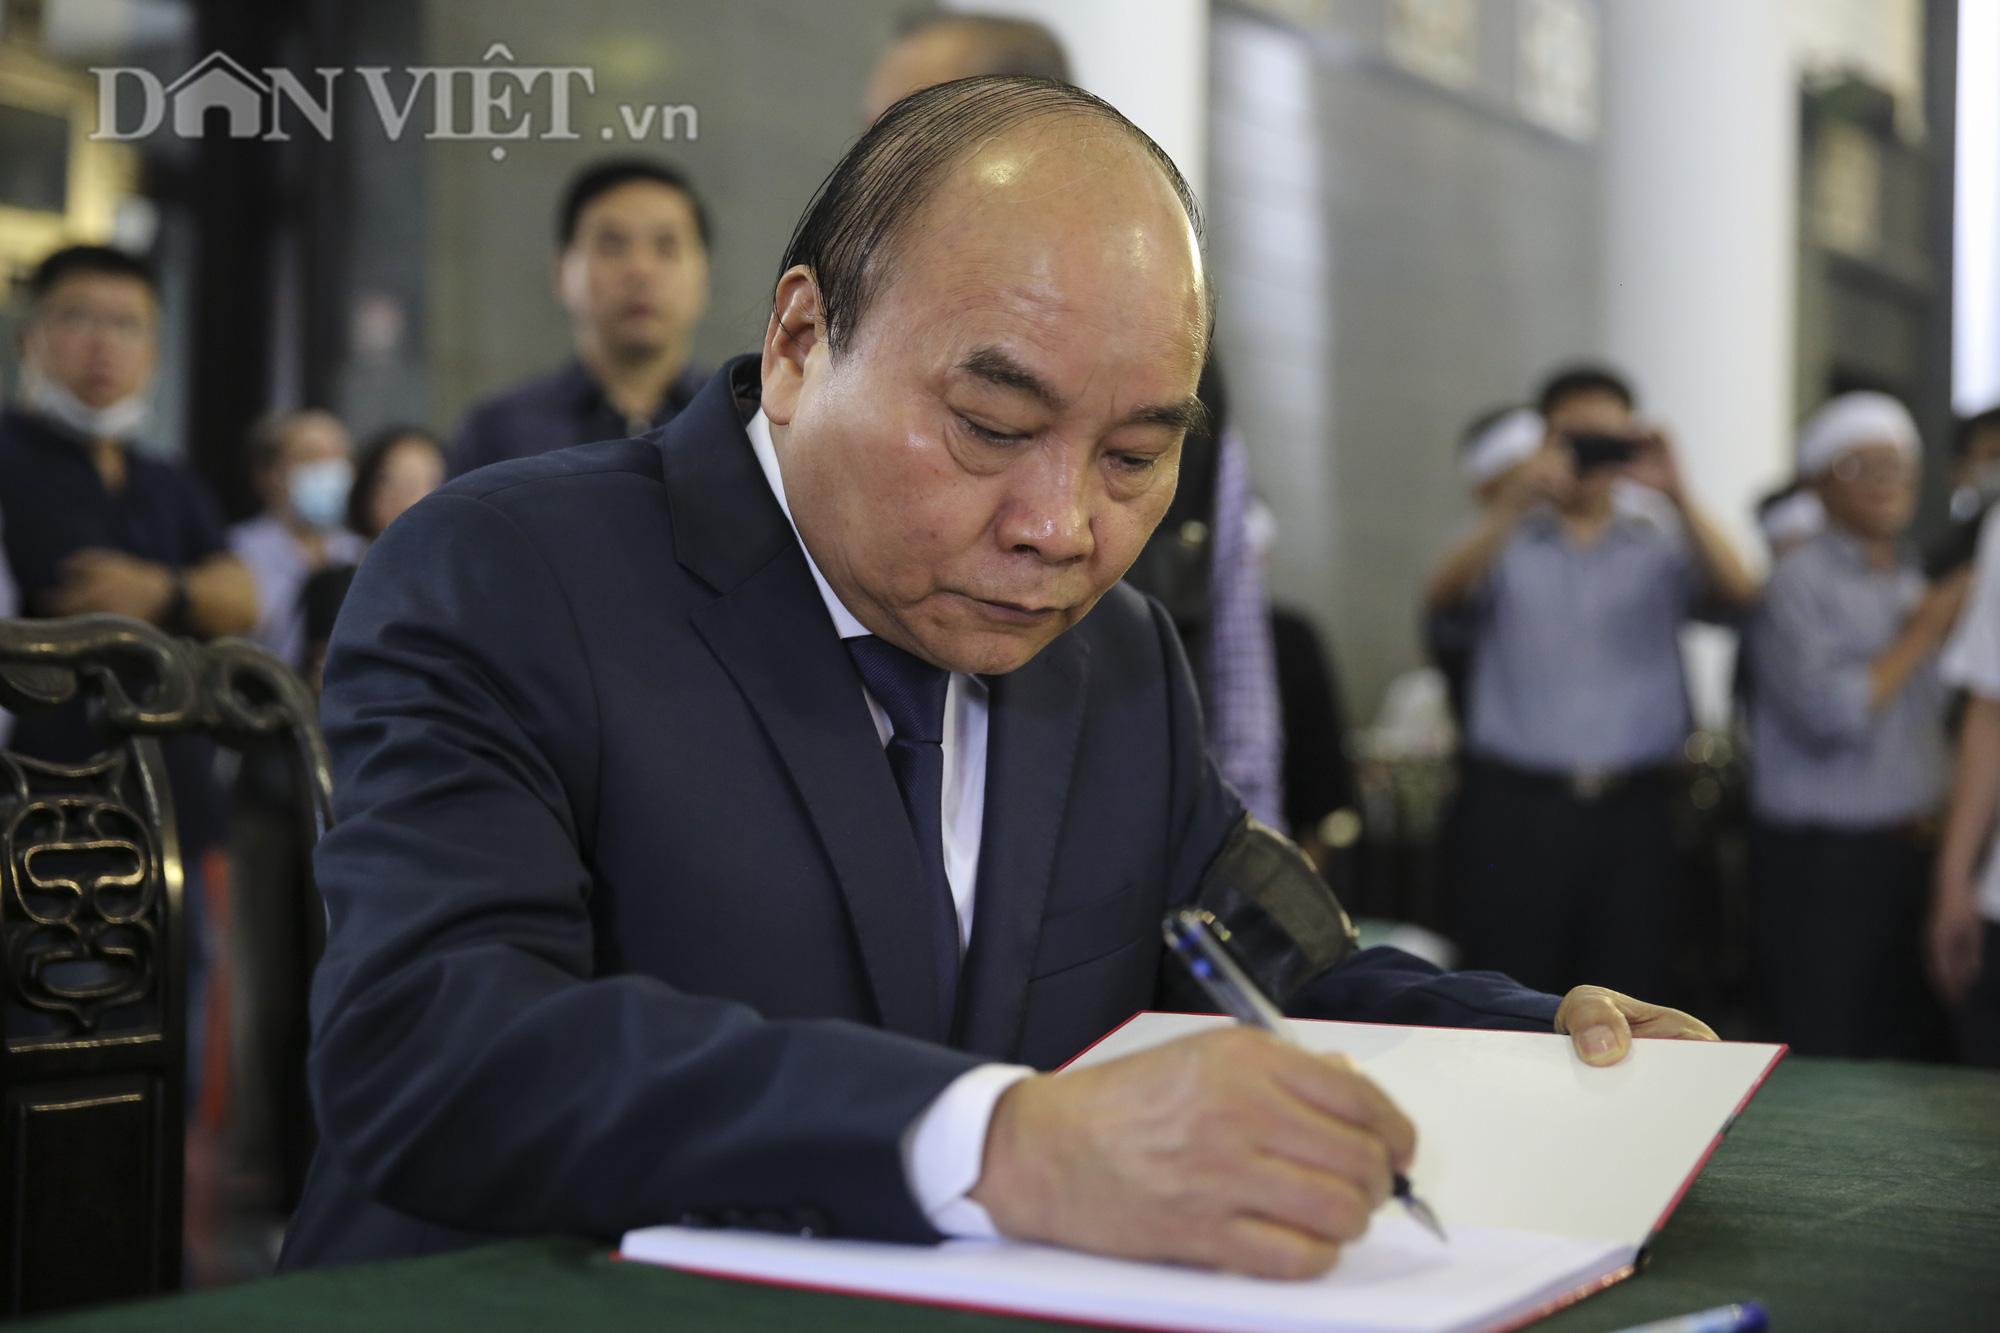 Thủ tướng đến viếng, tiễn đưa đồng chí Nguyễn Đình Hương - Ảnh 6.